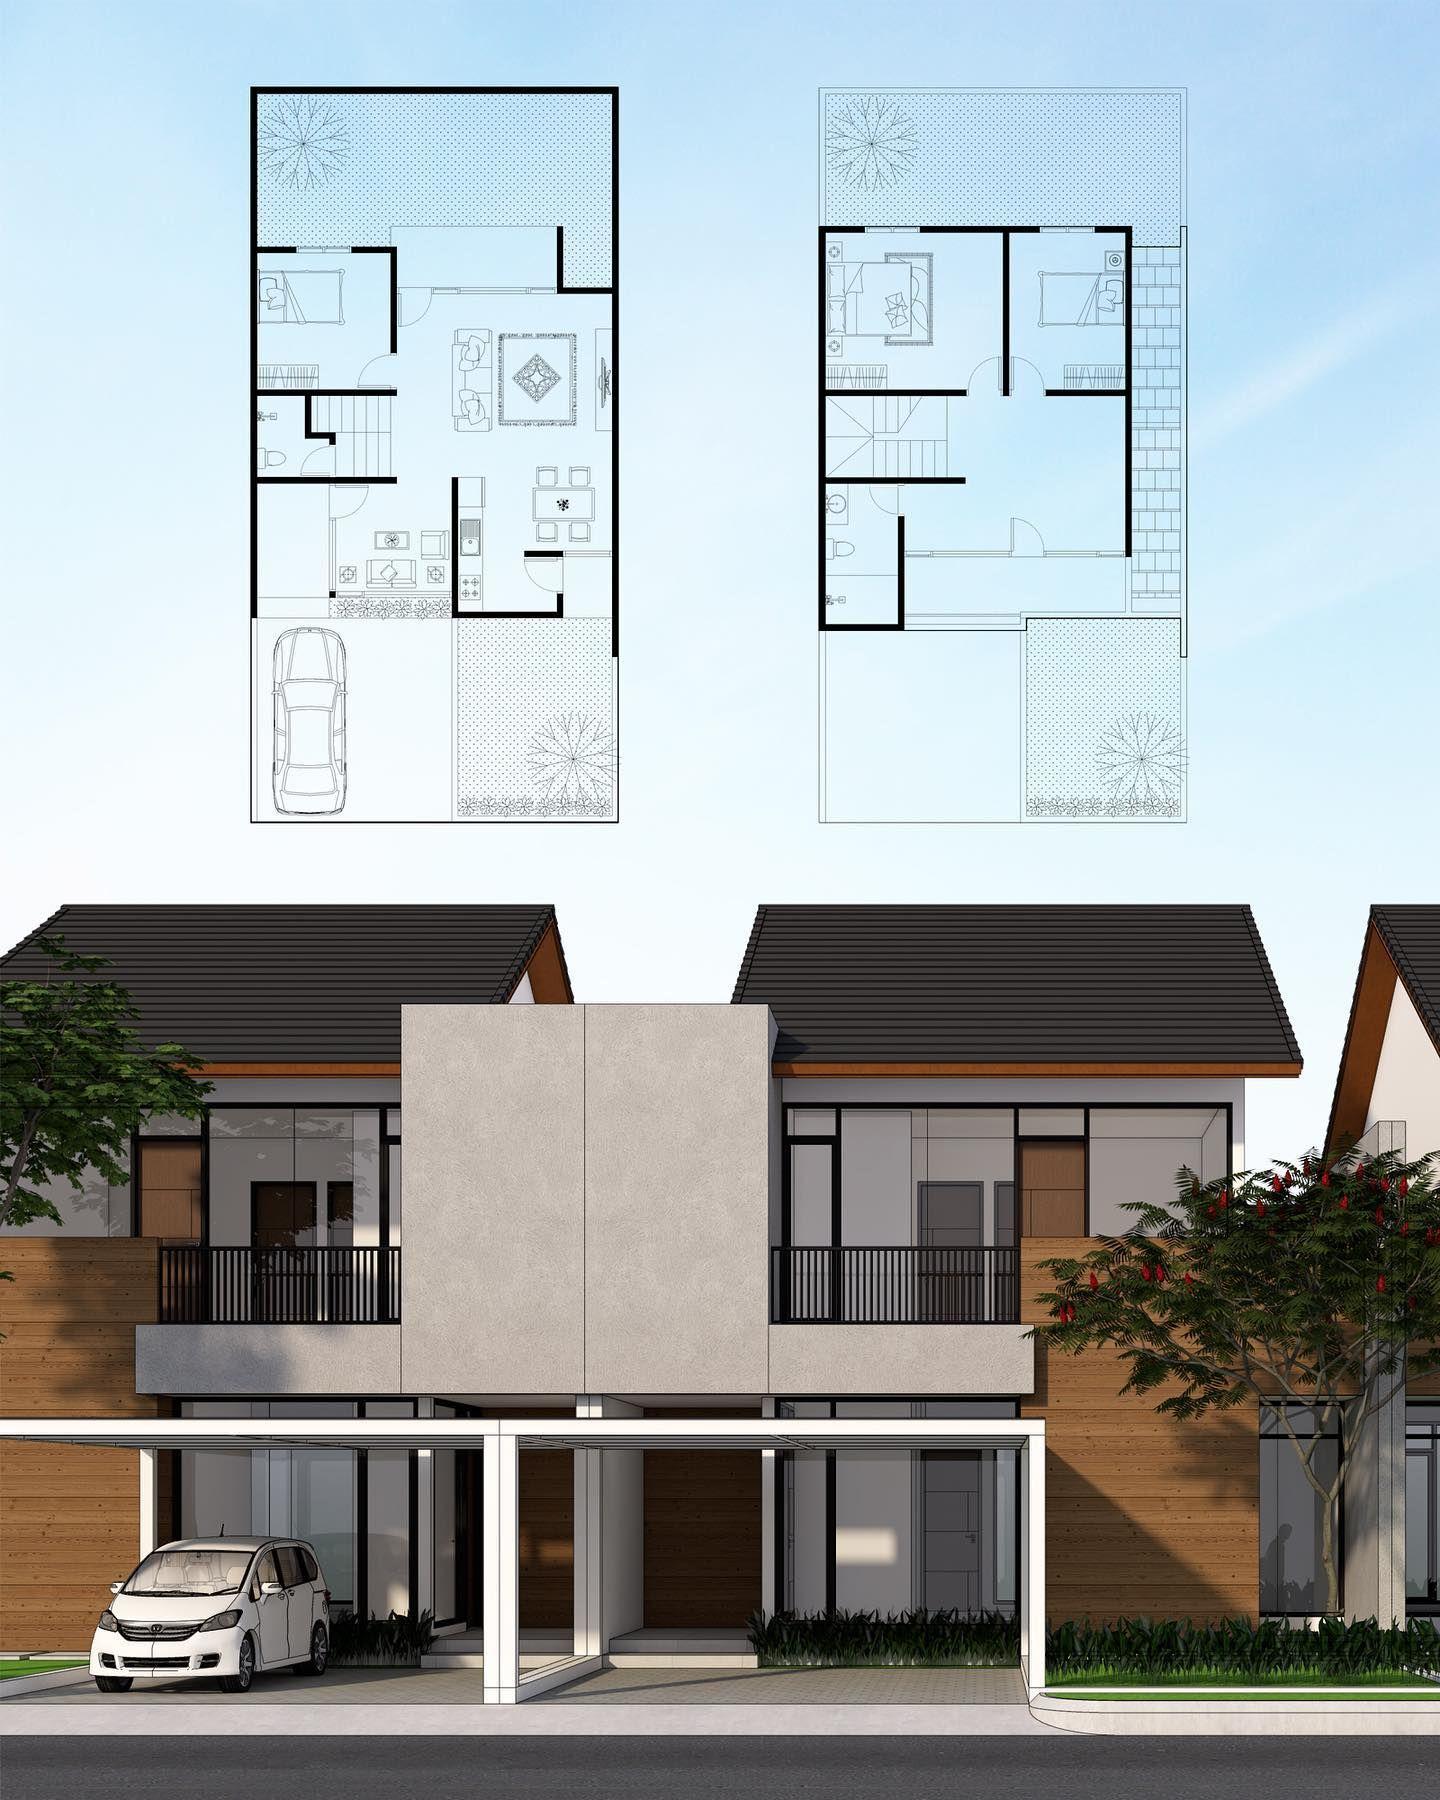 Pin Oleh Christina Maria Chintasari Di Arquitectura Arsitektur Rumah Arsitektur Rumah Minimalis